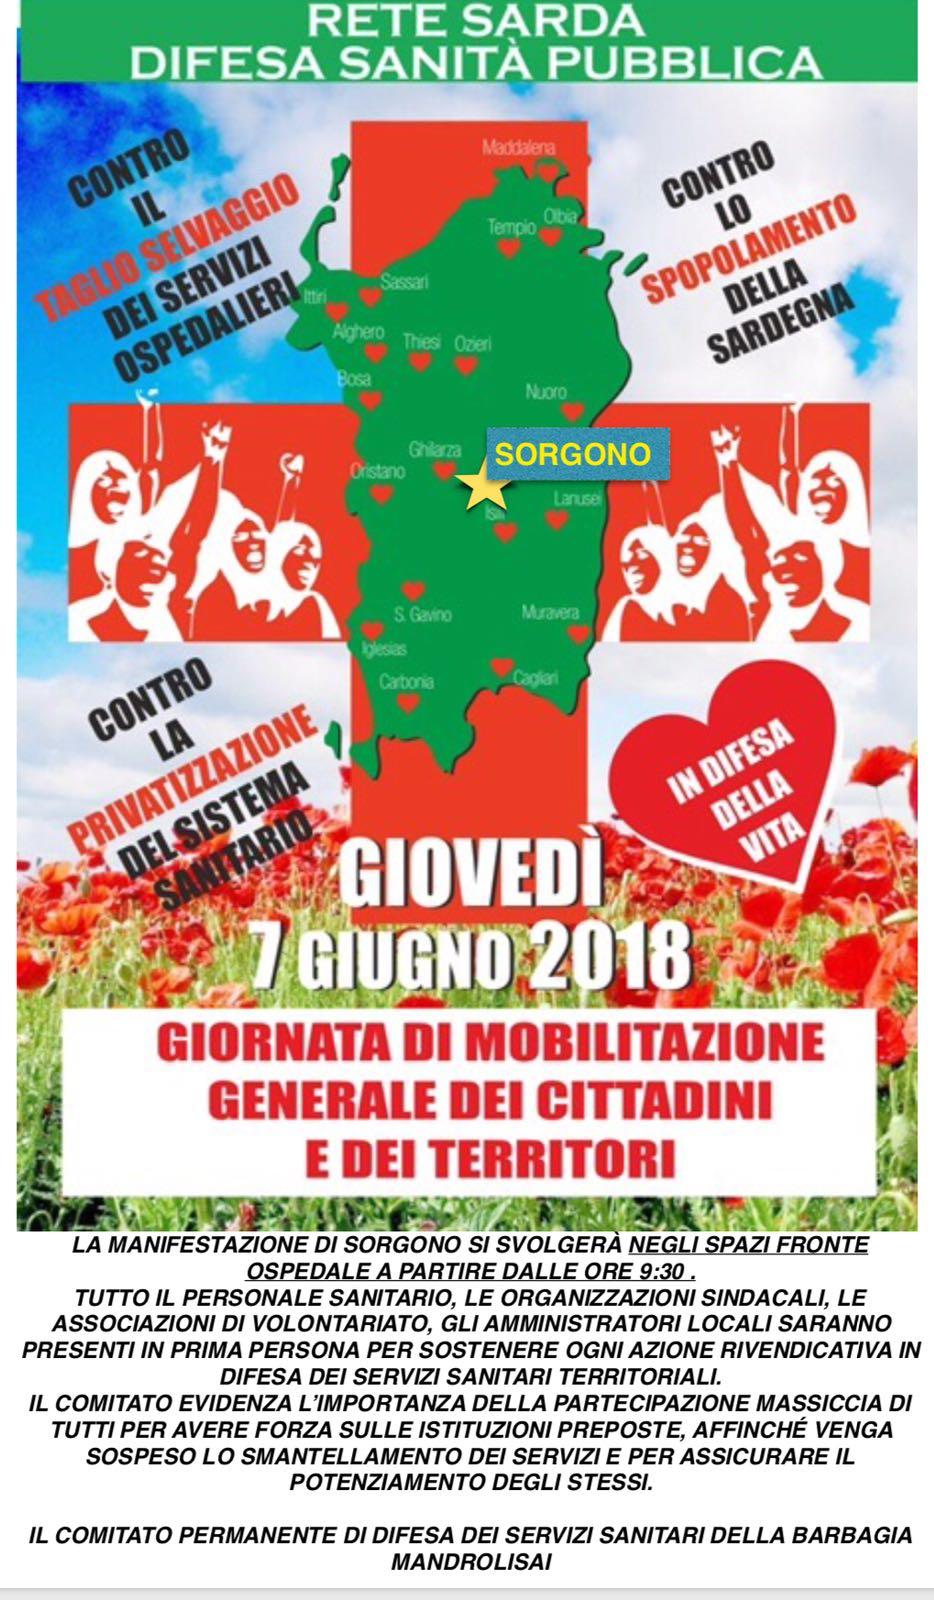 GIOVEDI 7 GIUGNO 2018 MANIFESTAZIONE DEL TERRITORIO